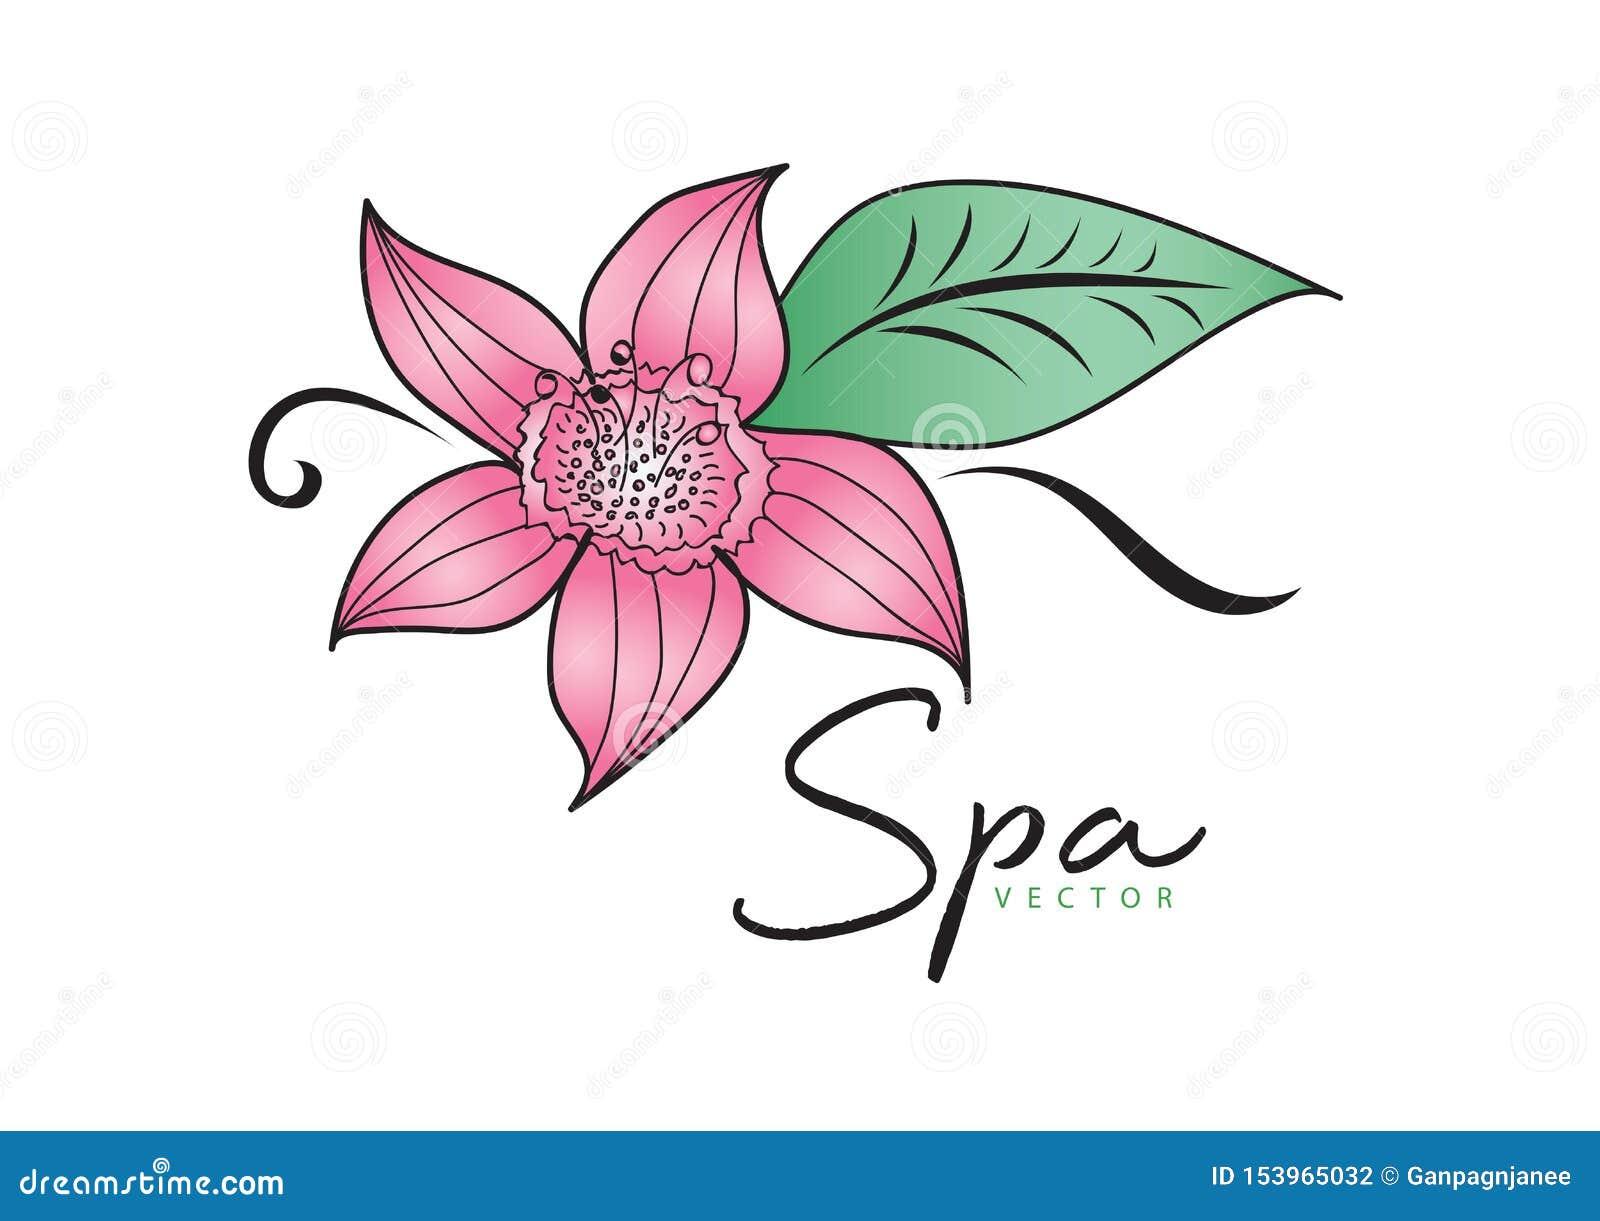 Ρόδινη διανυσματική απεικόνιση λουλουδιών σχέδιο λογότυπων πράσινο εικονίδιο φύλλων, στοιχείο για την ομορφιά και SPA